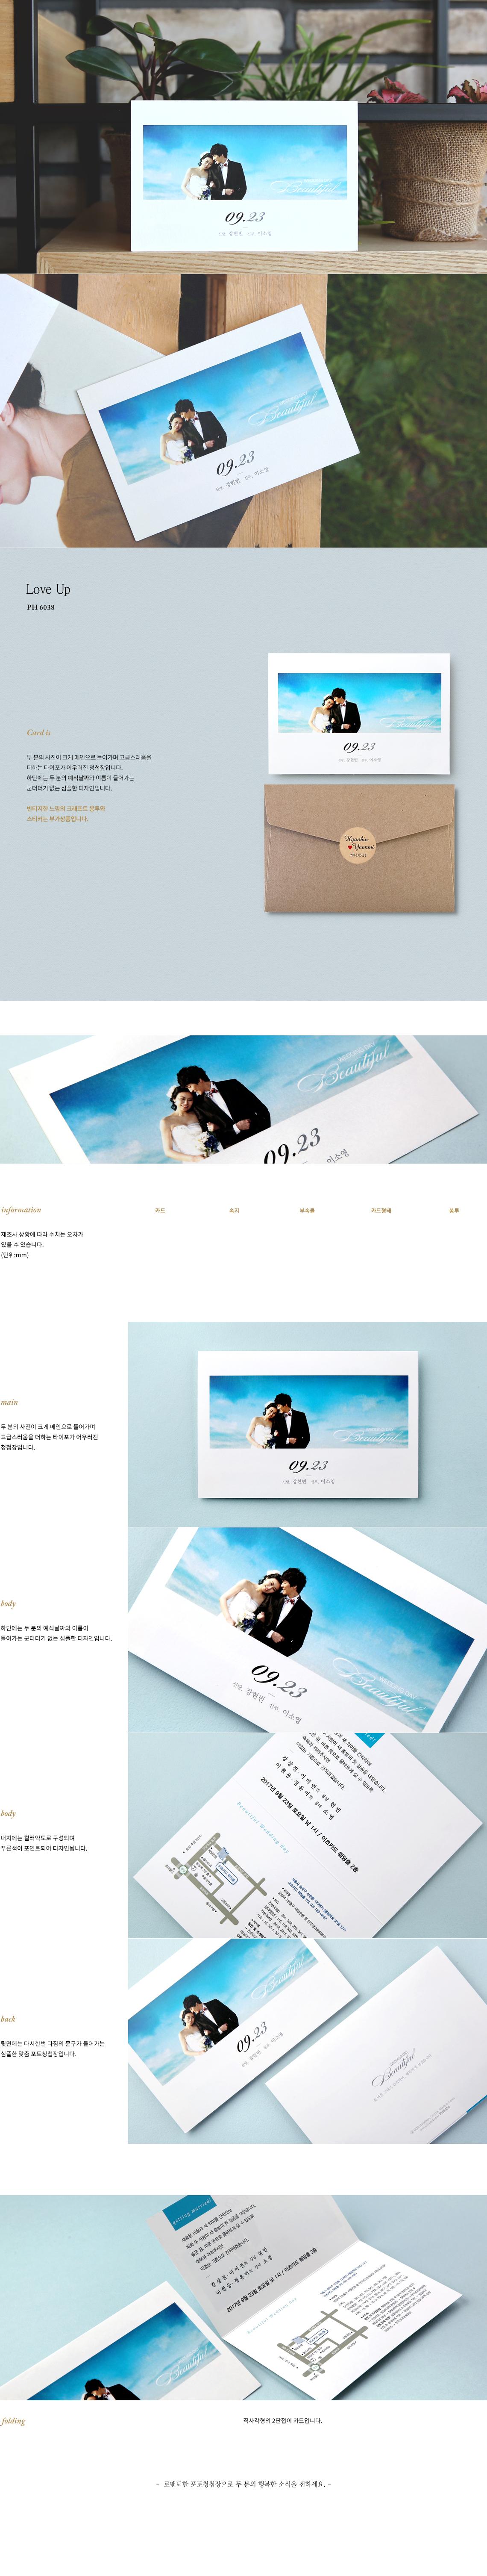 Love Up : 청첩장은 아름다운 날, 이츠카드